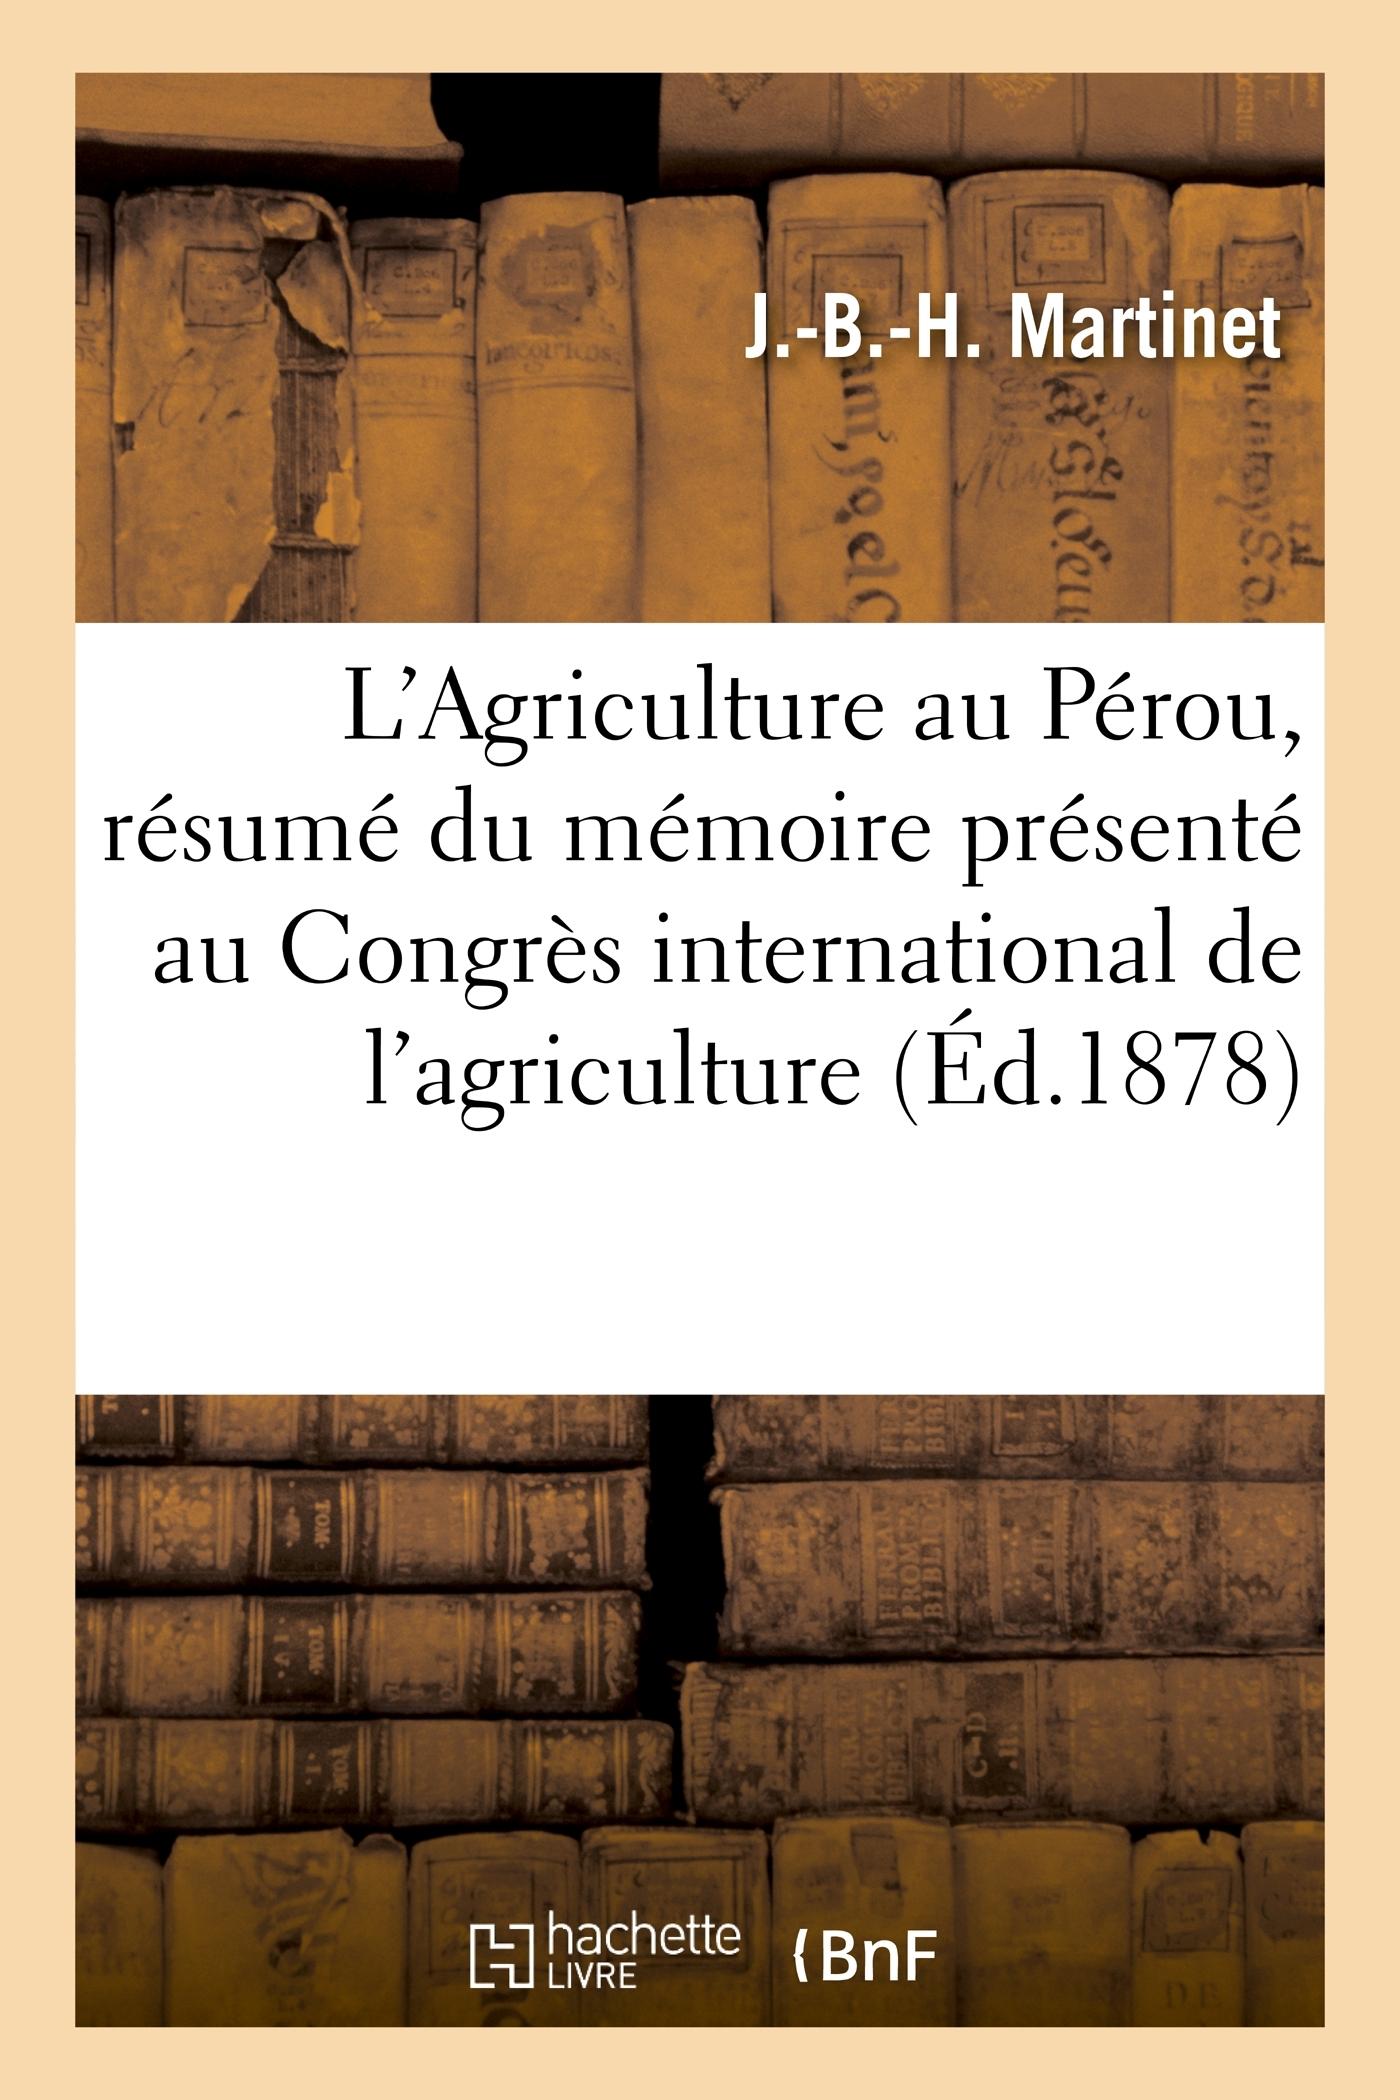 L'AGRICULTURE AU PEROU, RESUME DU MEMOIRE PRESENTE AU CONGRES INTERNATIONAL DE L'AGRICULTURE